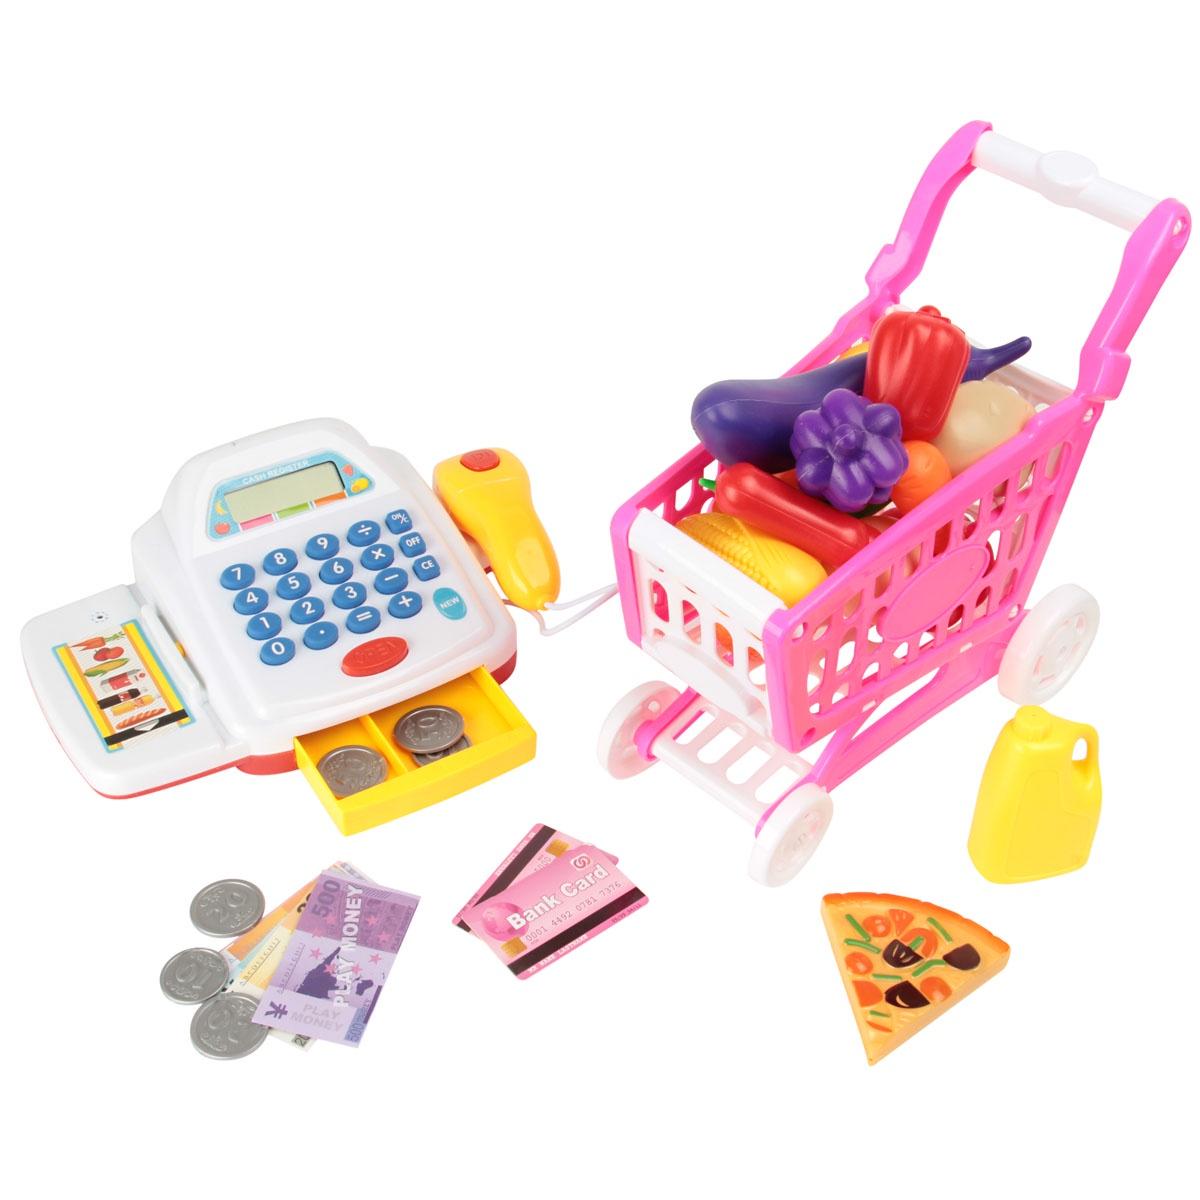 Купить Игровой набор Магазин: касса, продукты, Yako Toys, Игрушечные магазины